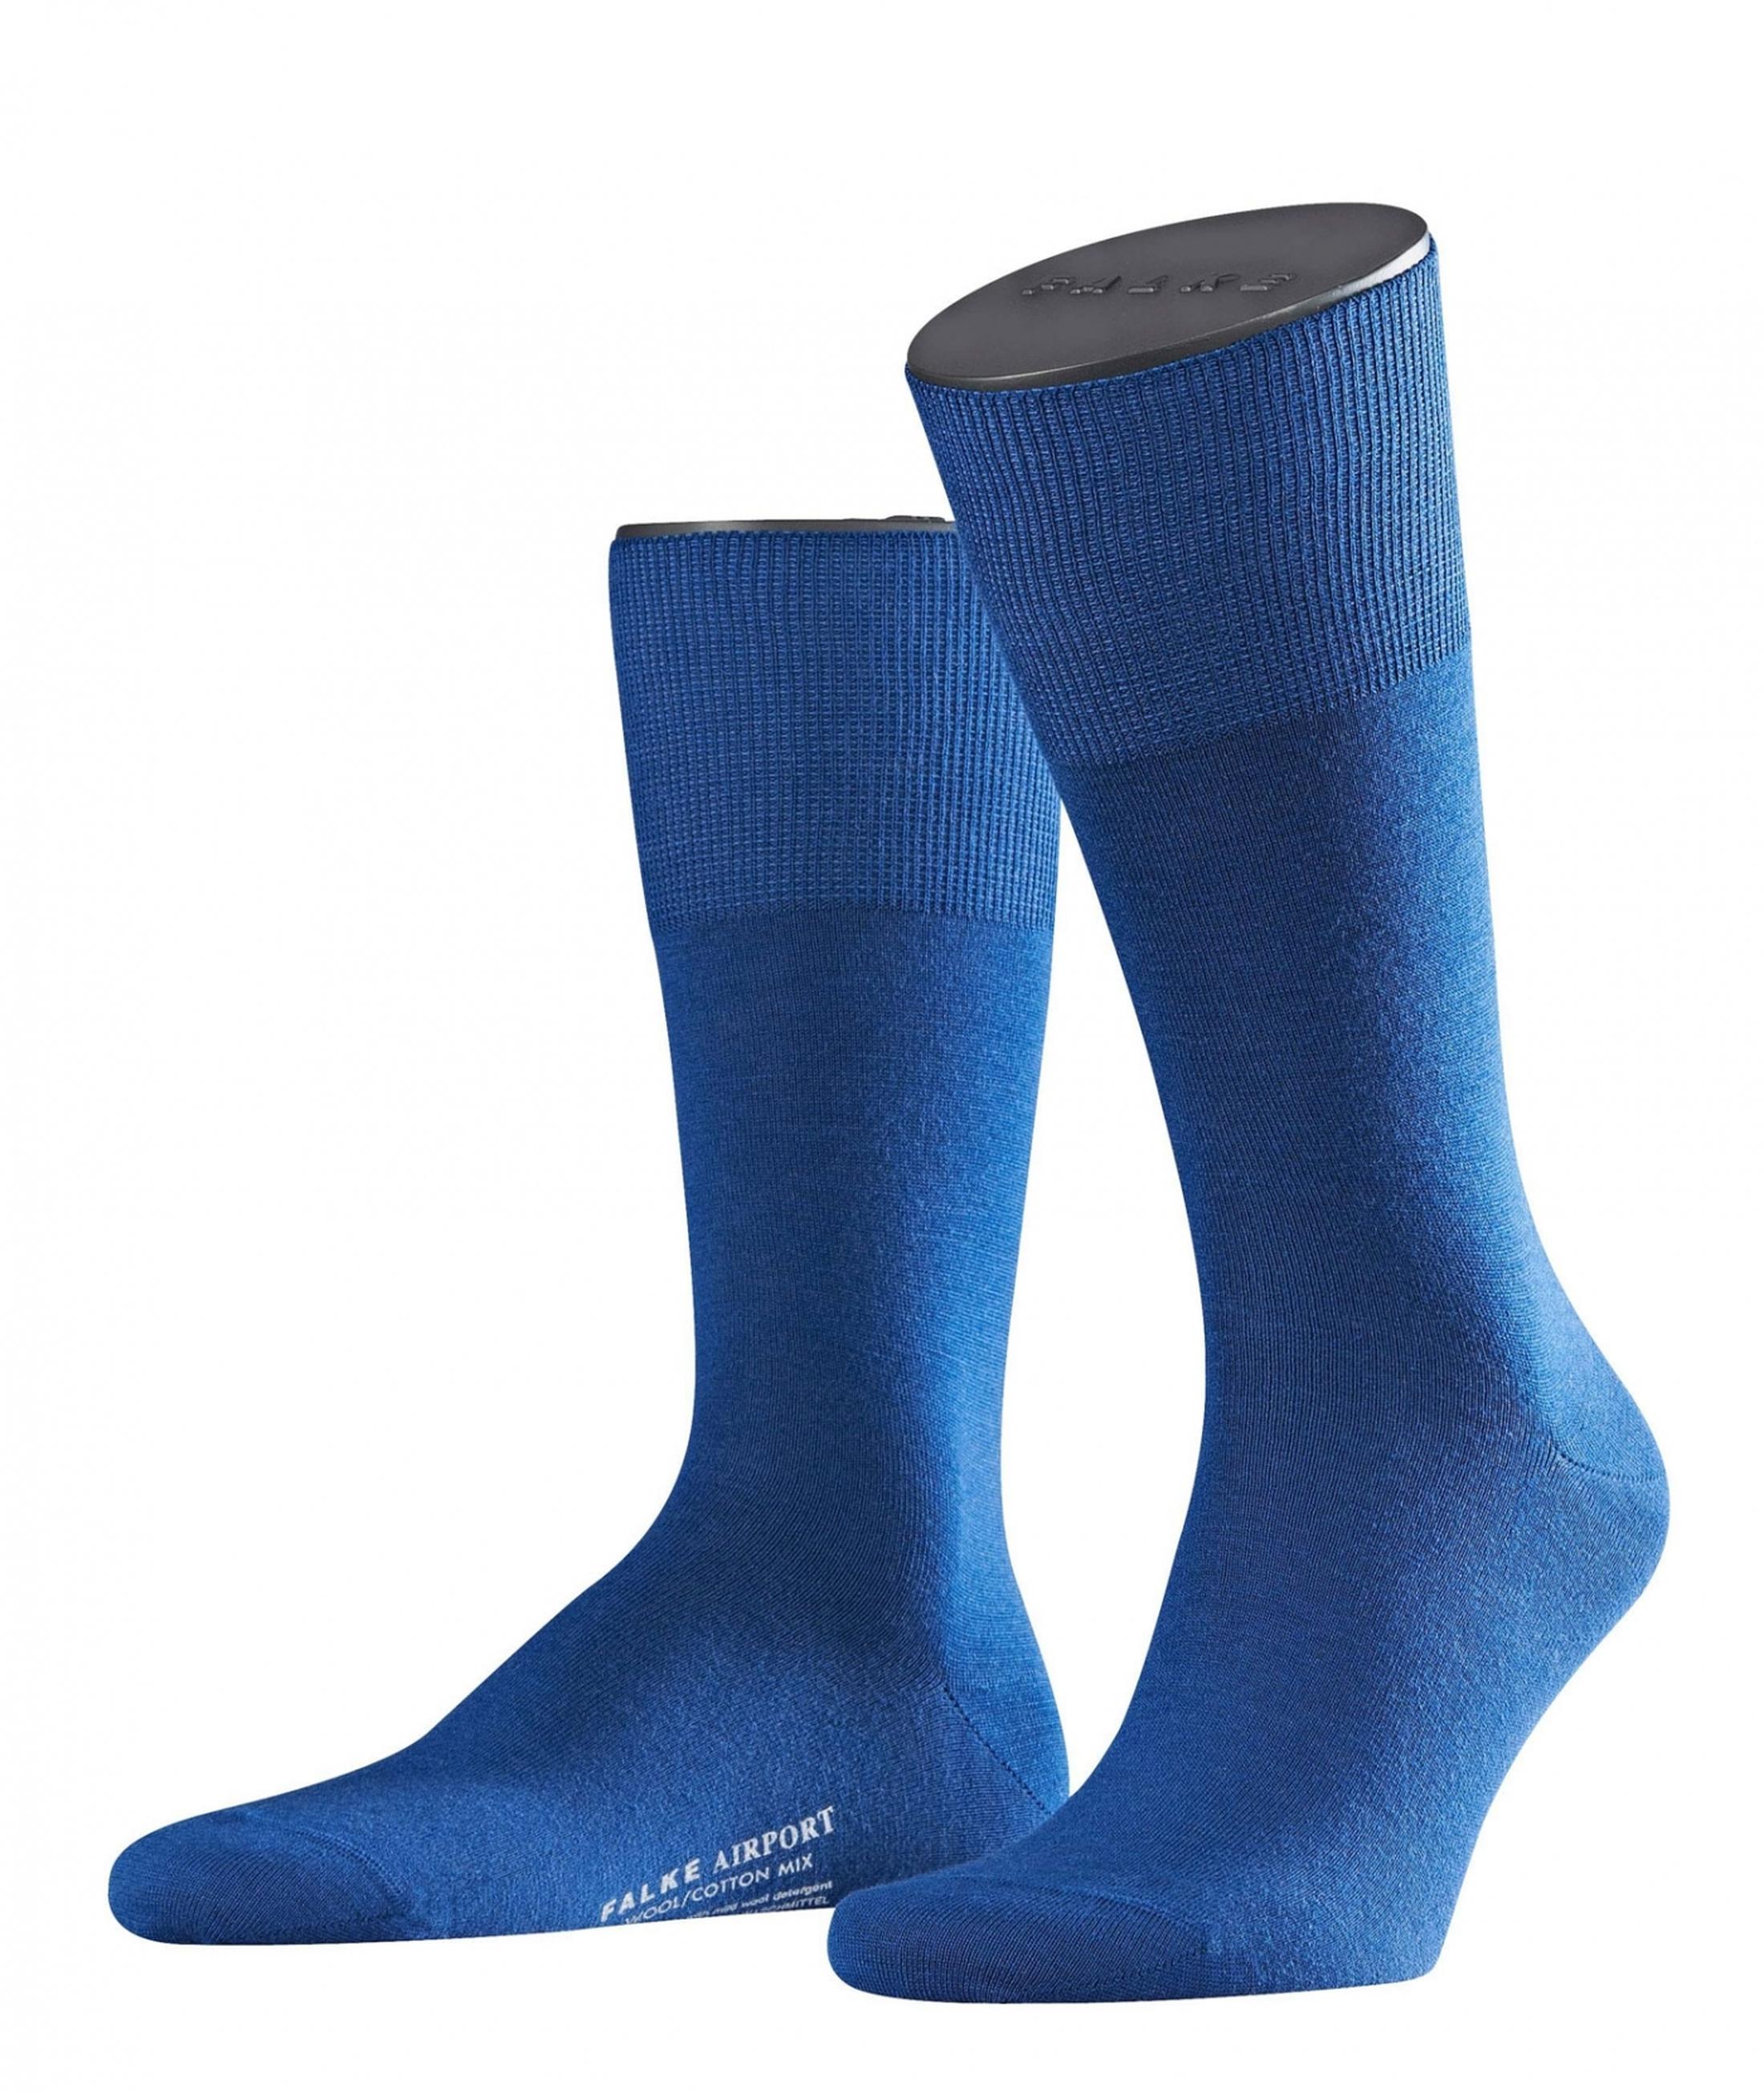 FALKE Airport Socken Indigo Blau 6000 foto 0